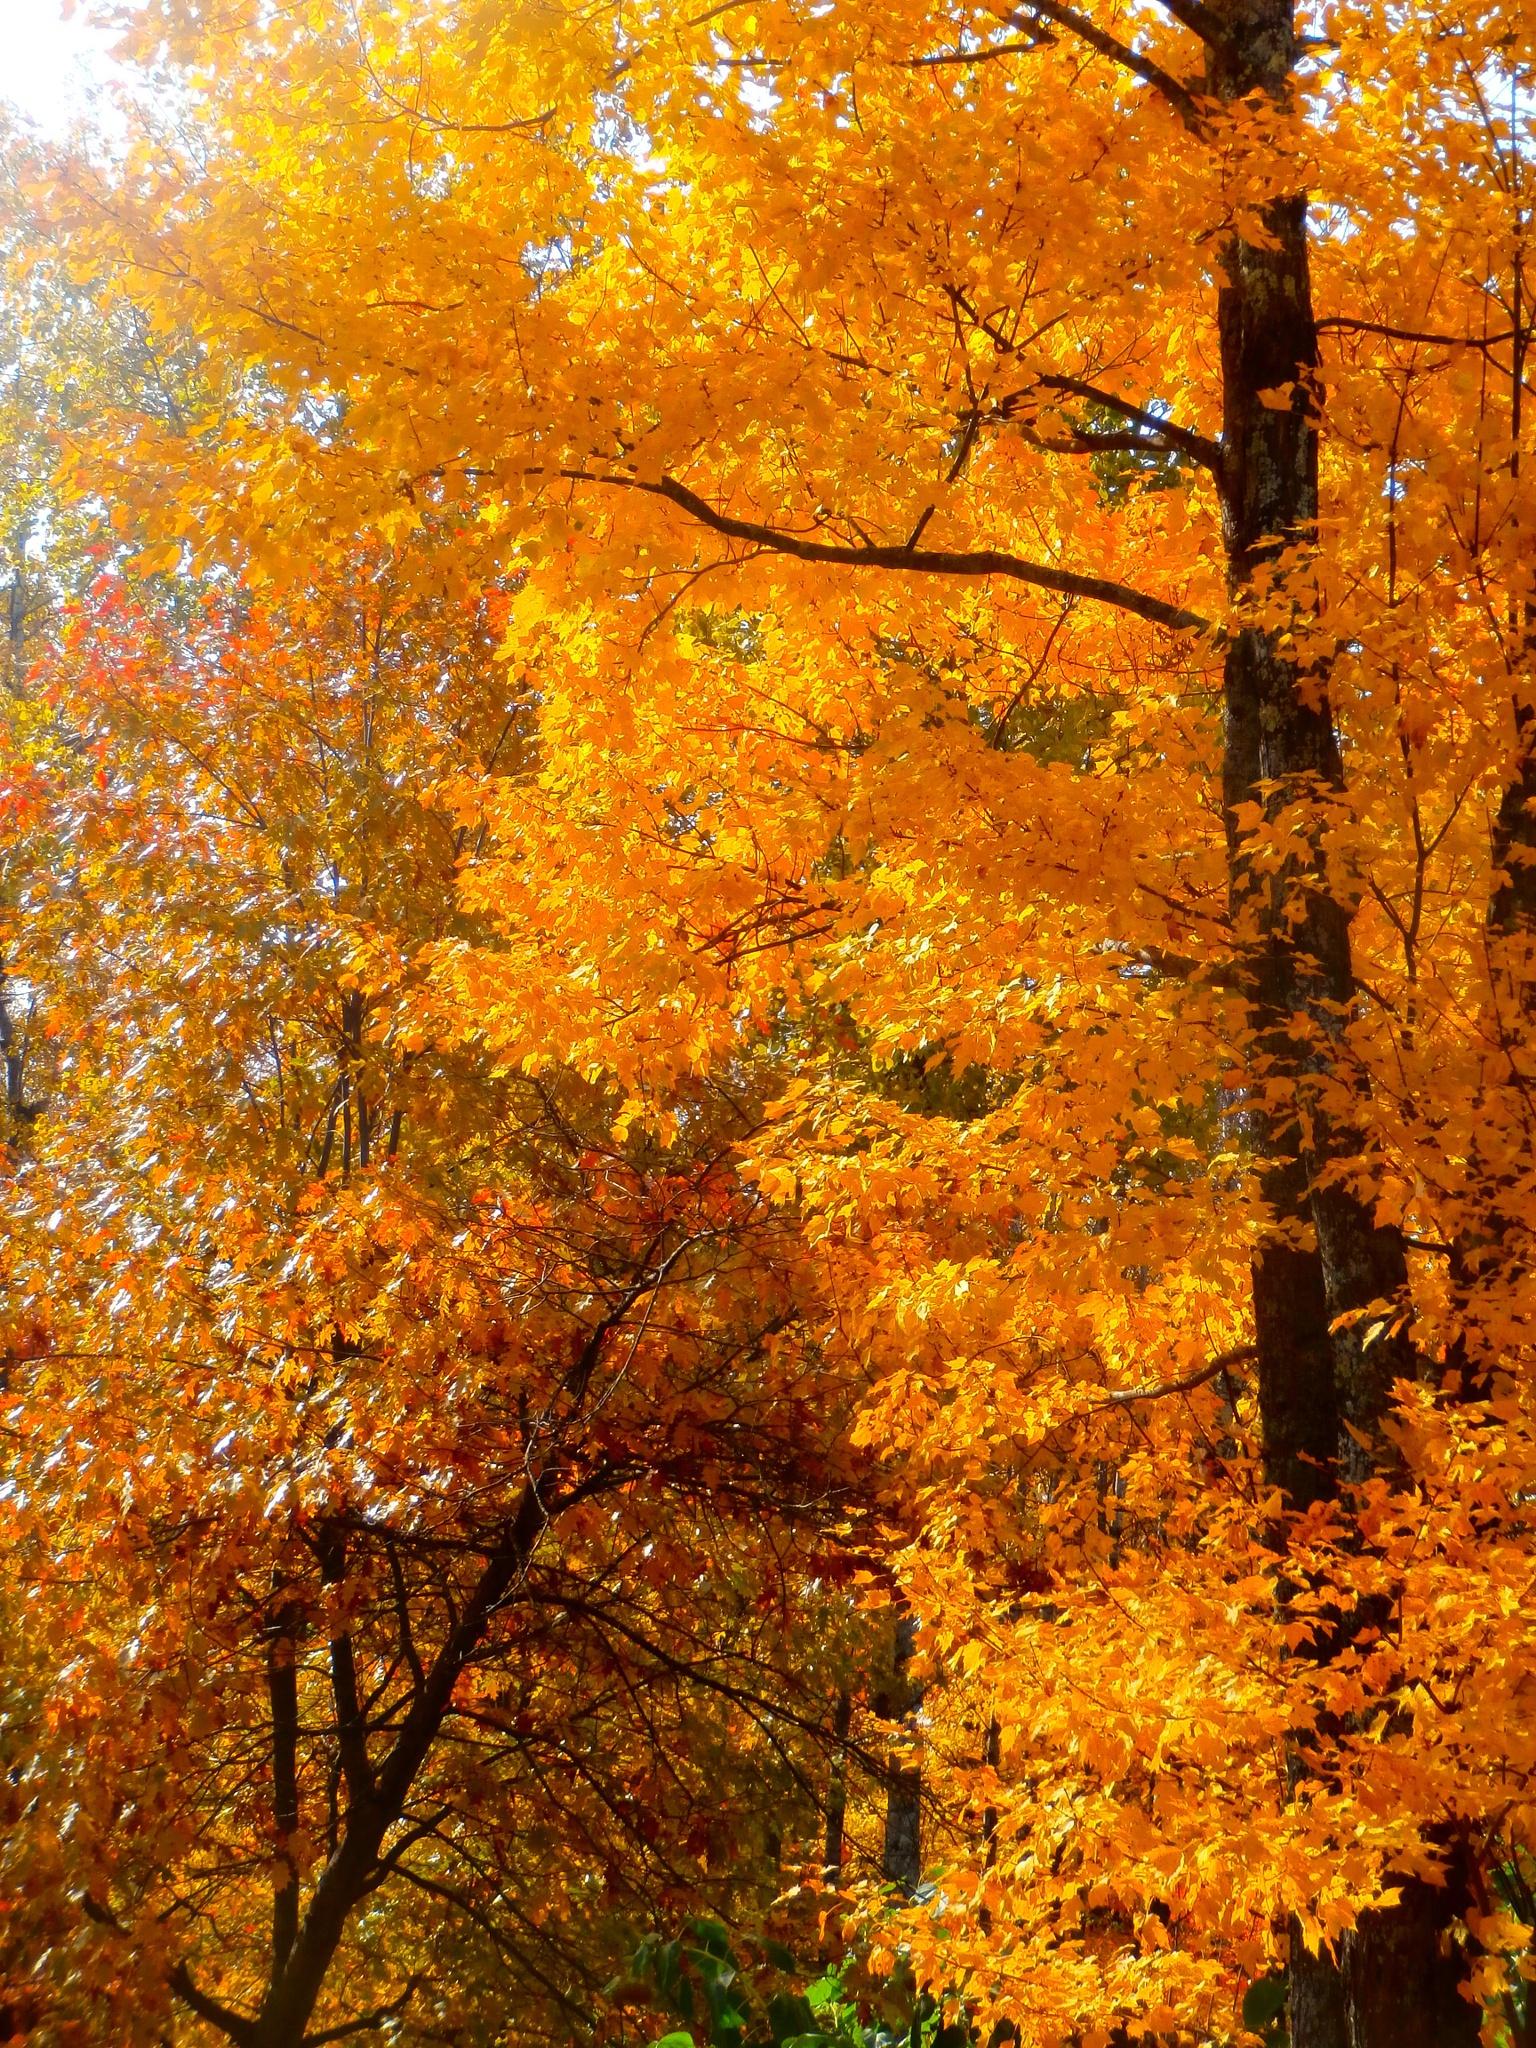 flaming orange by tina.linge.3